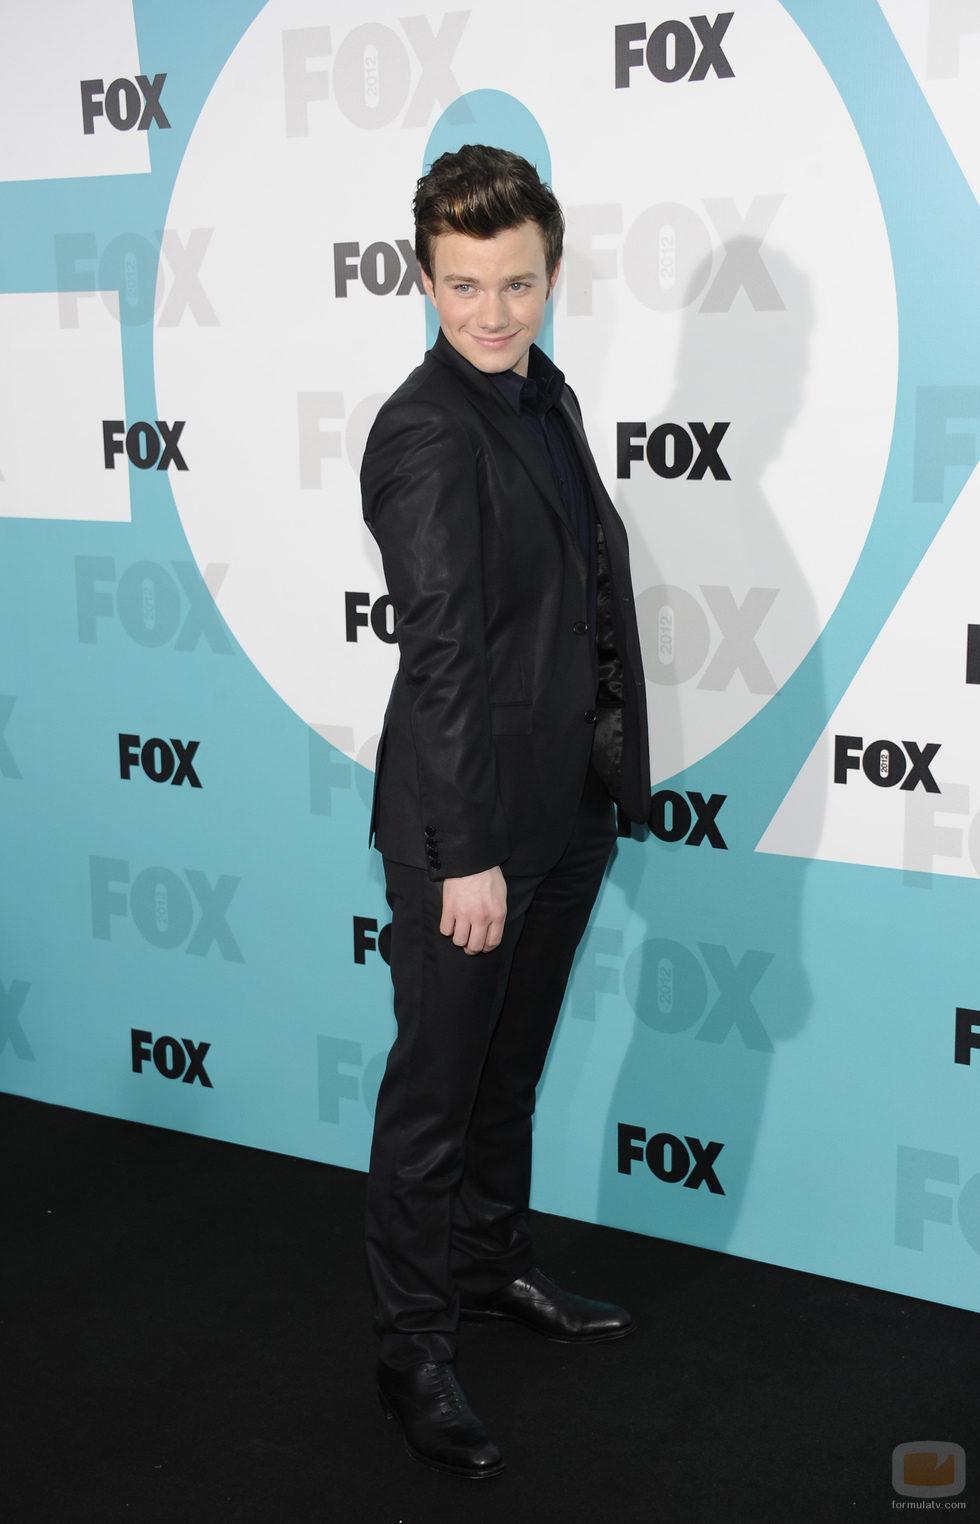 Chris Colfer en los Upfronts 2012